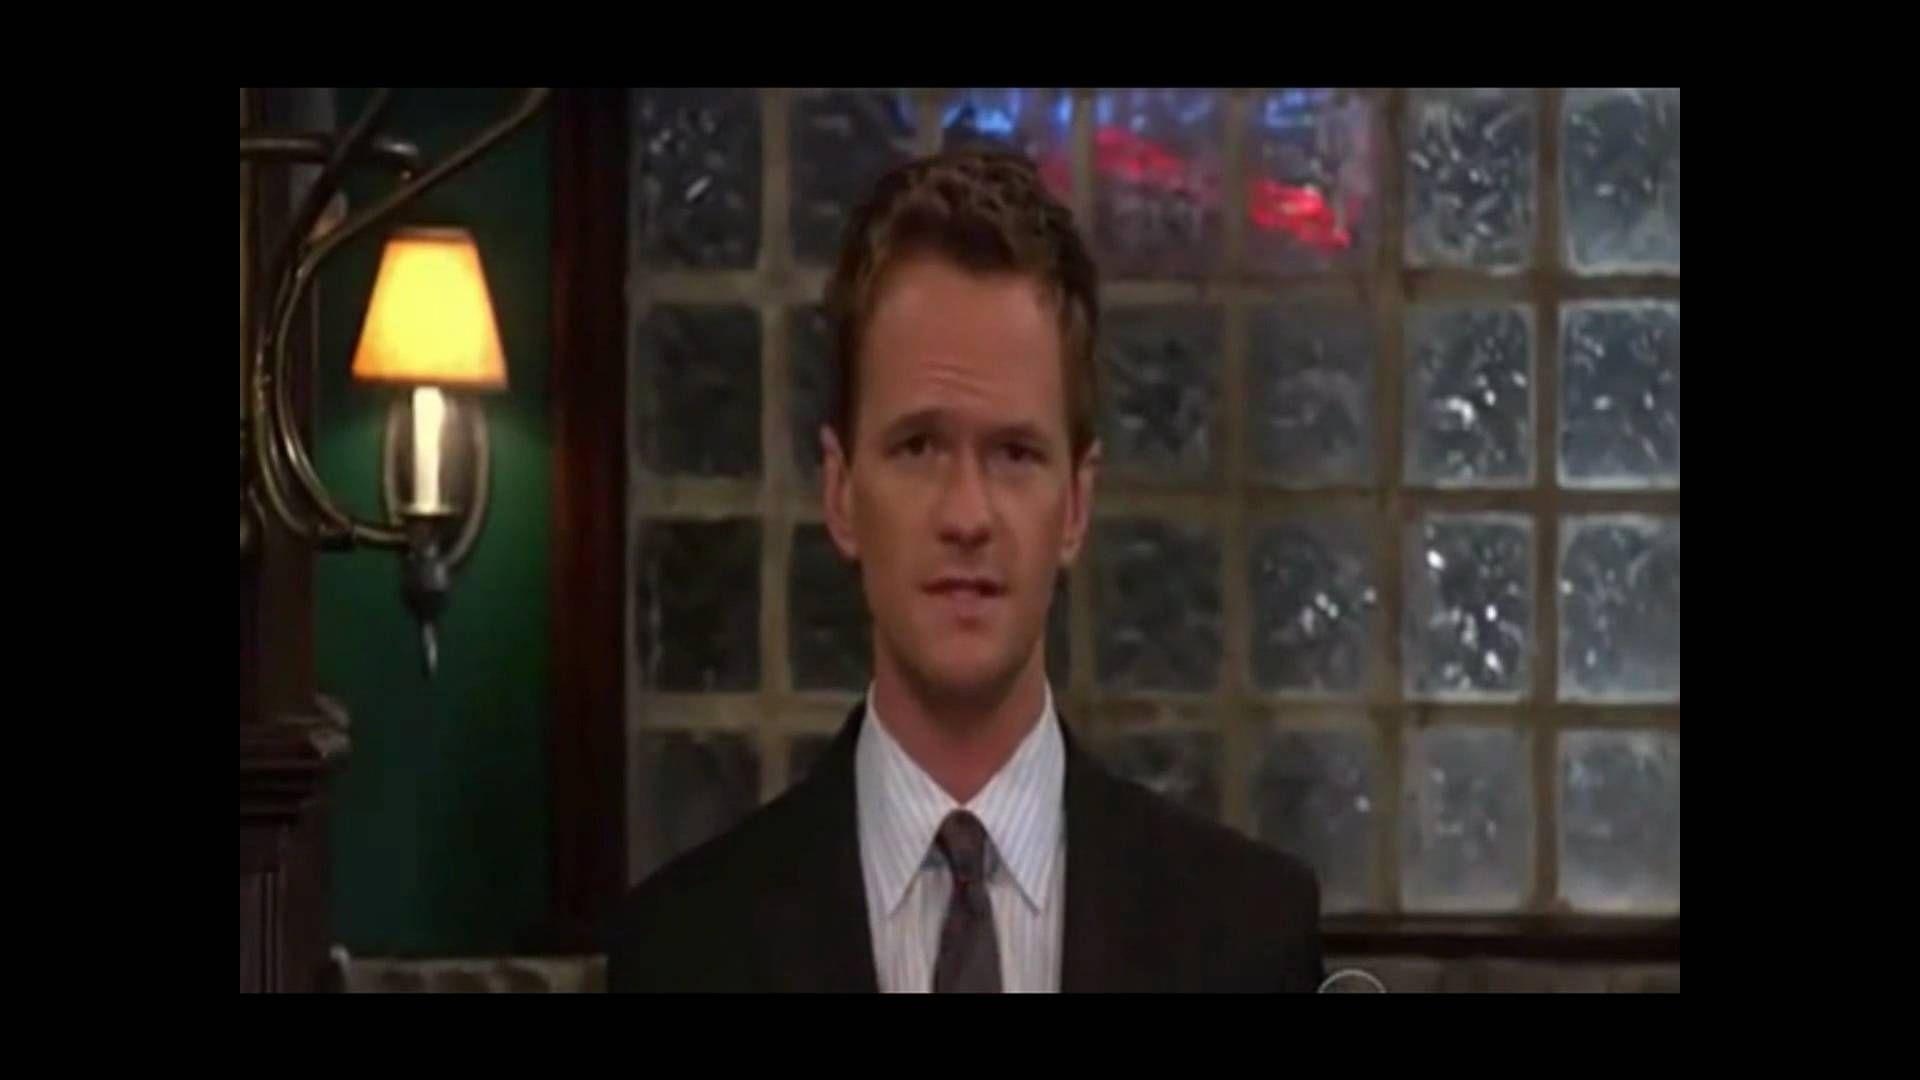 ¿En esta imagen, qué frase esta a punto de decir Barney? (Pista: El y Robin acaban de romper)